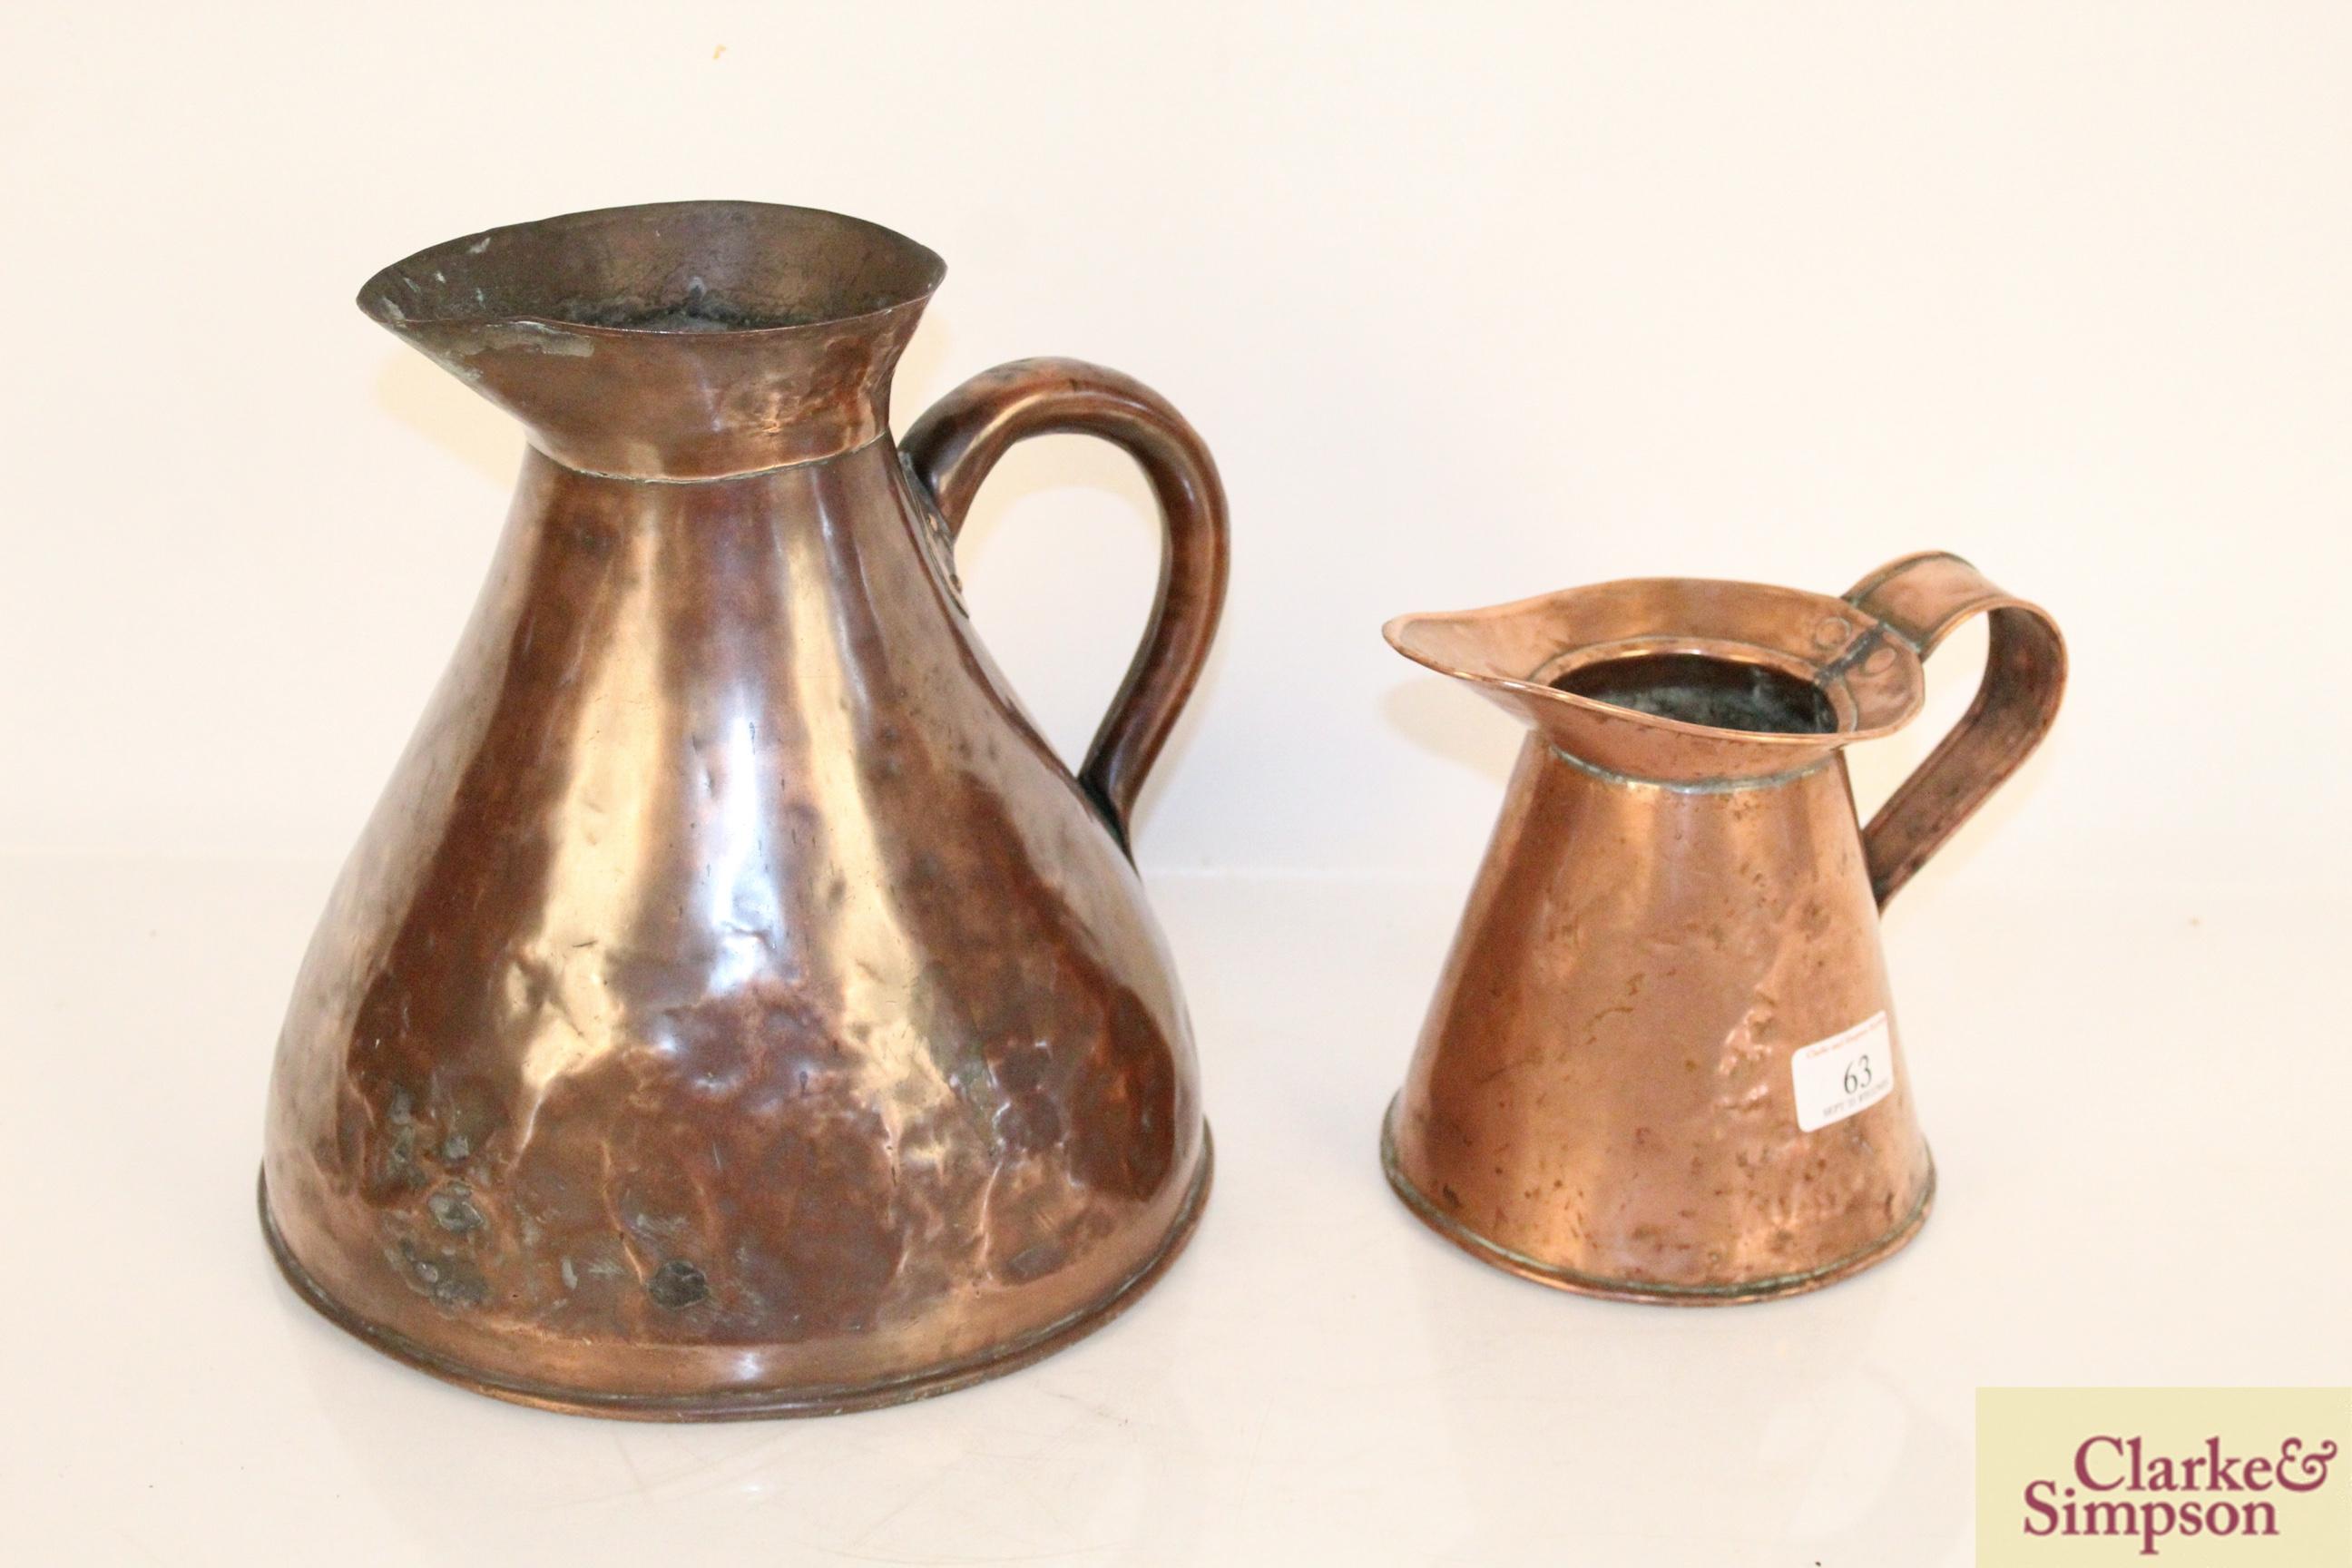 Two antique copper jugs